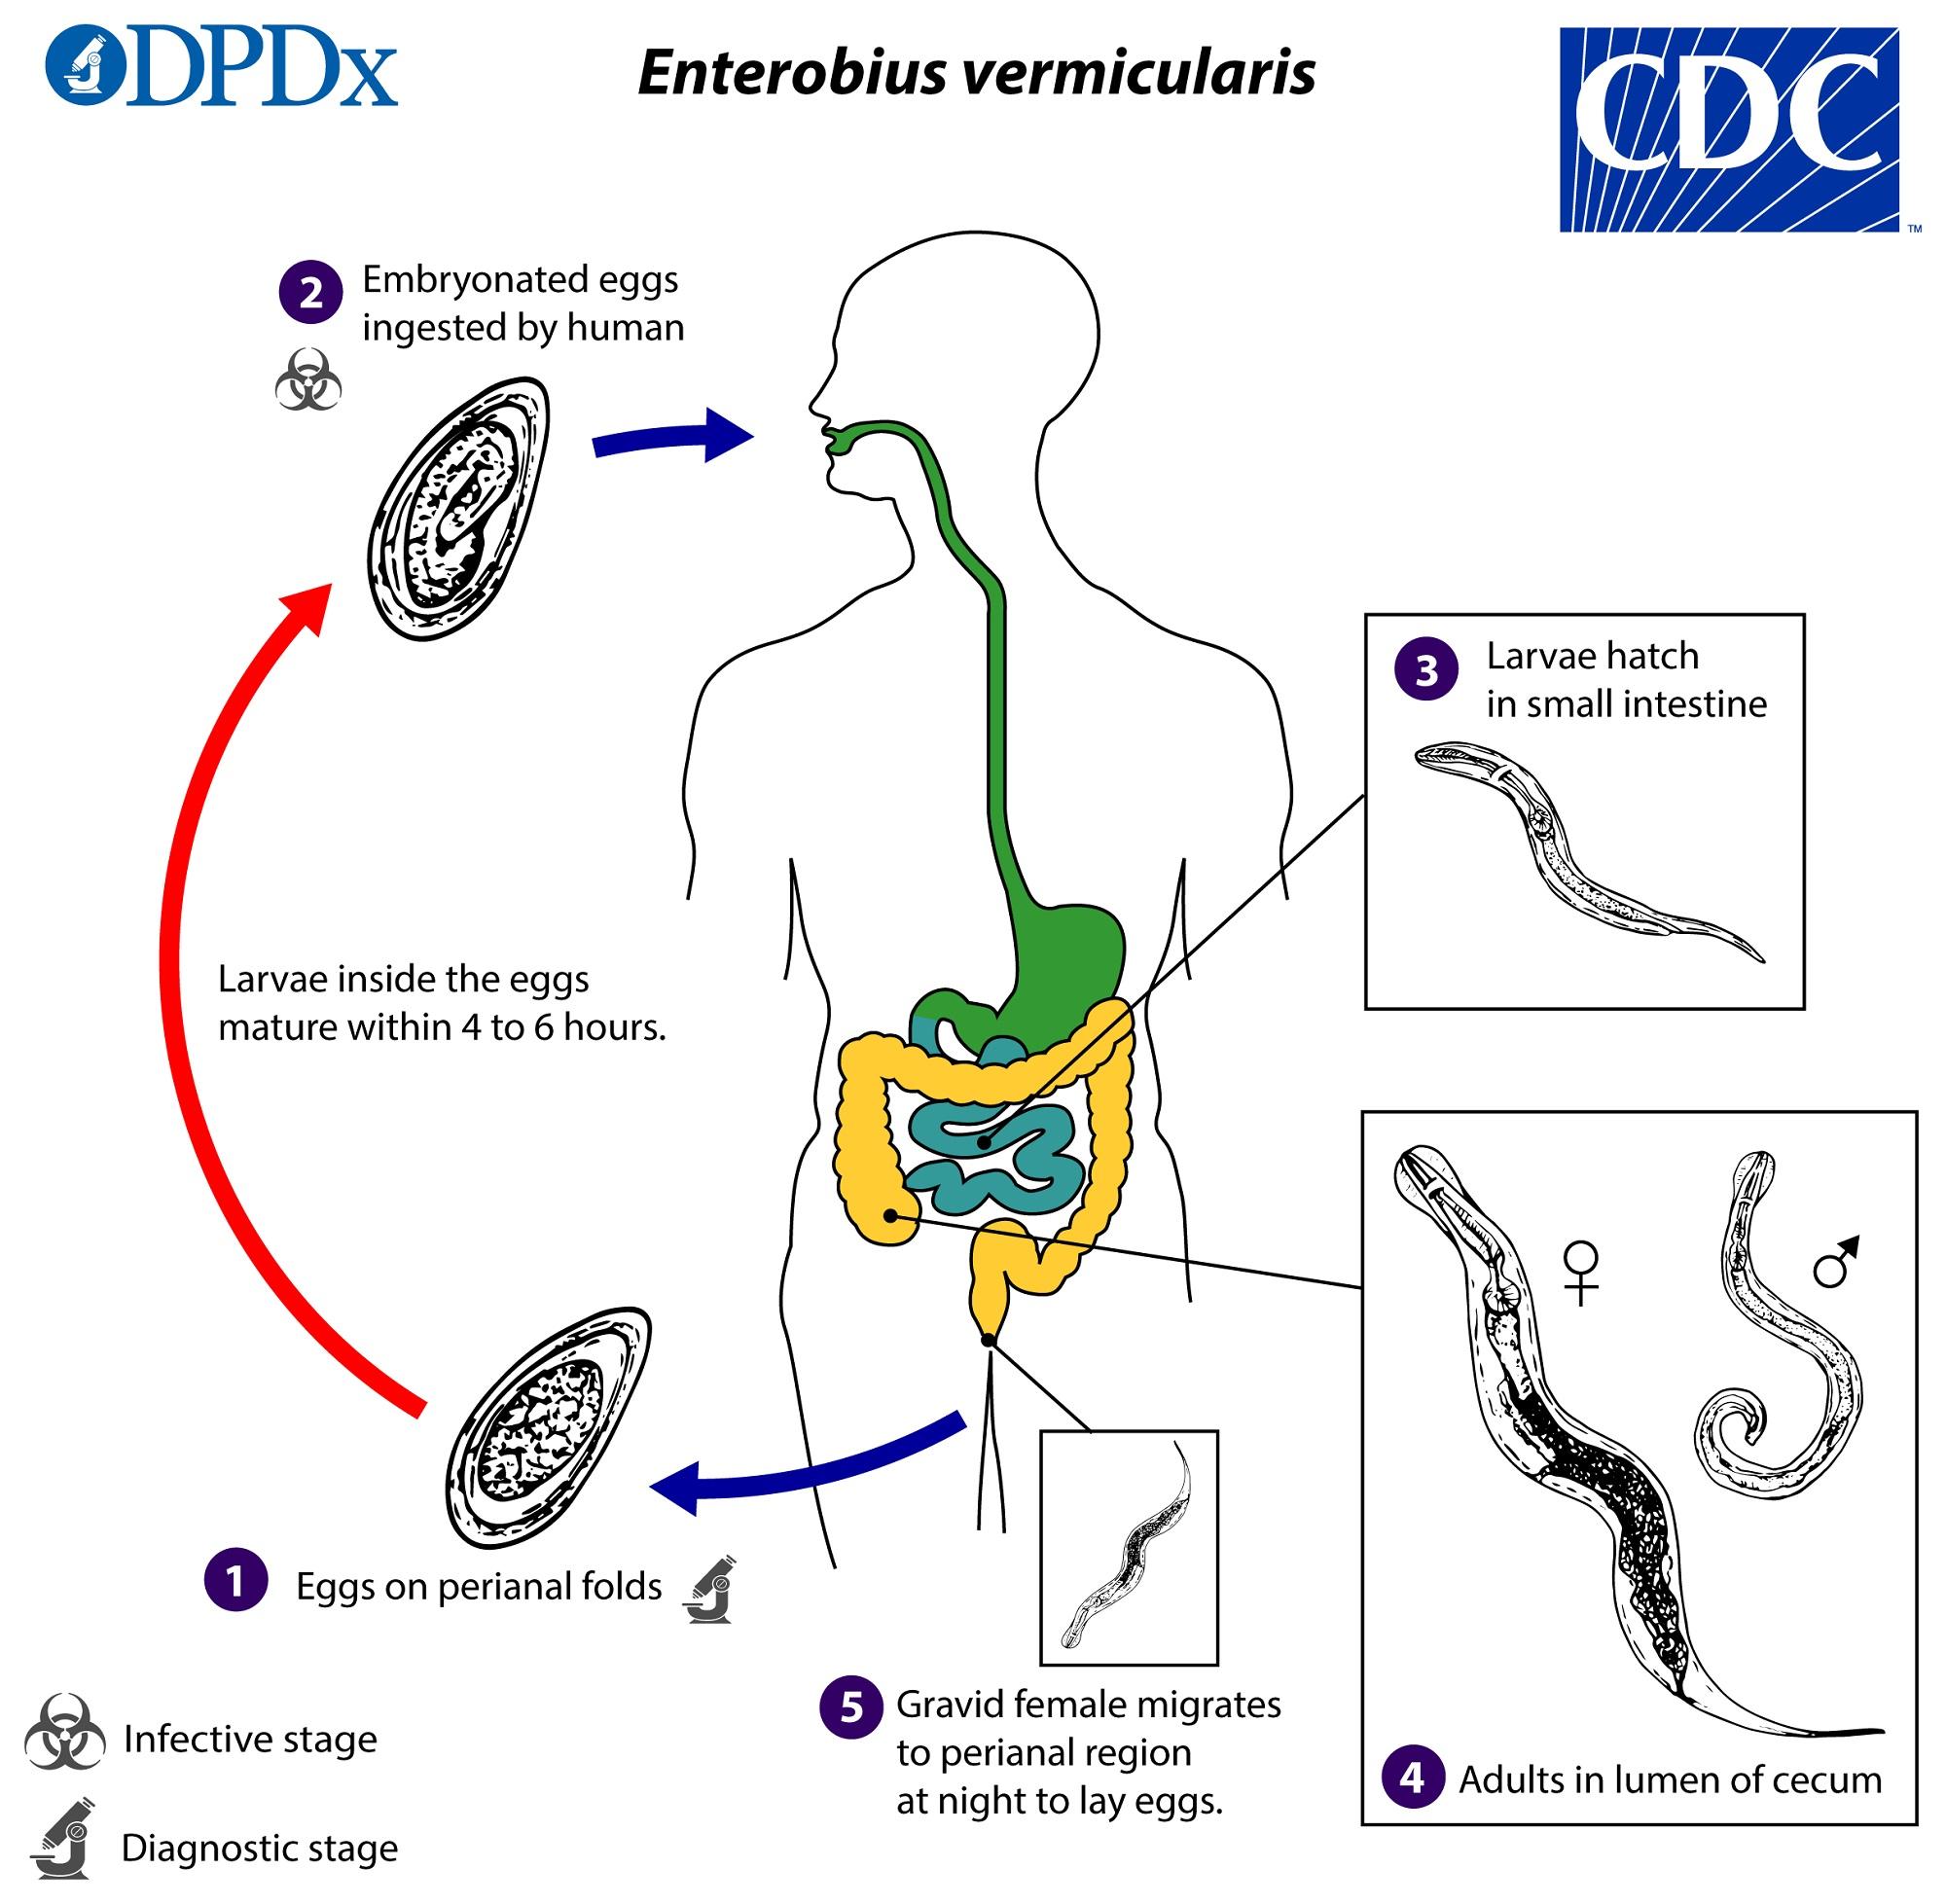 enterobius vermicularis guidelines)